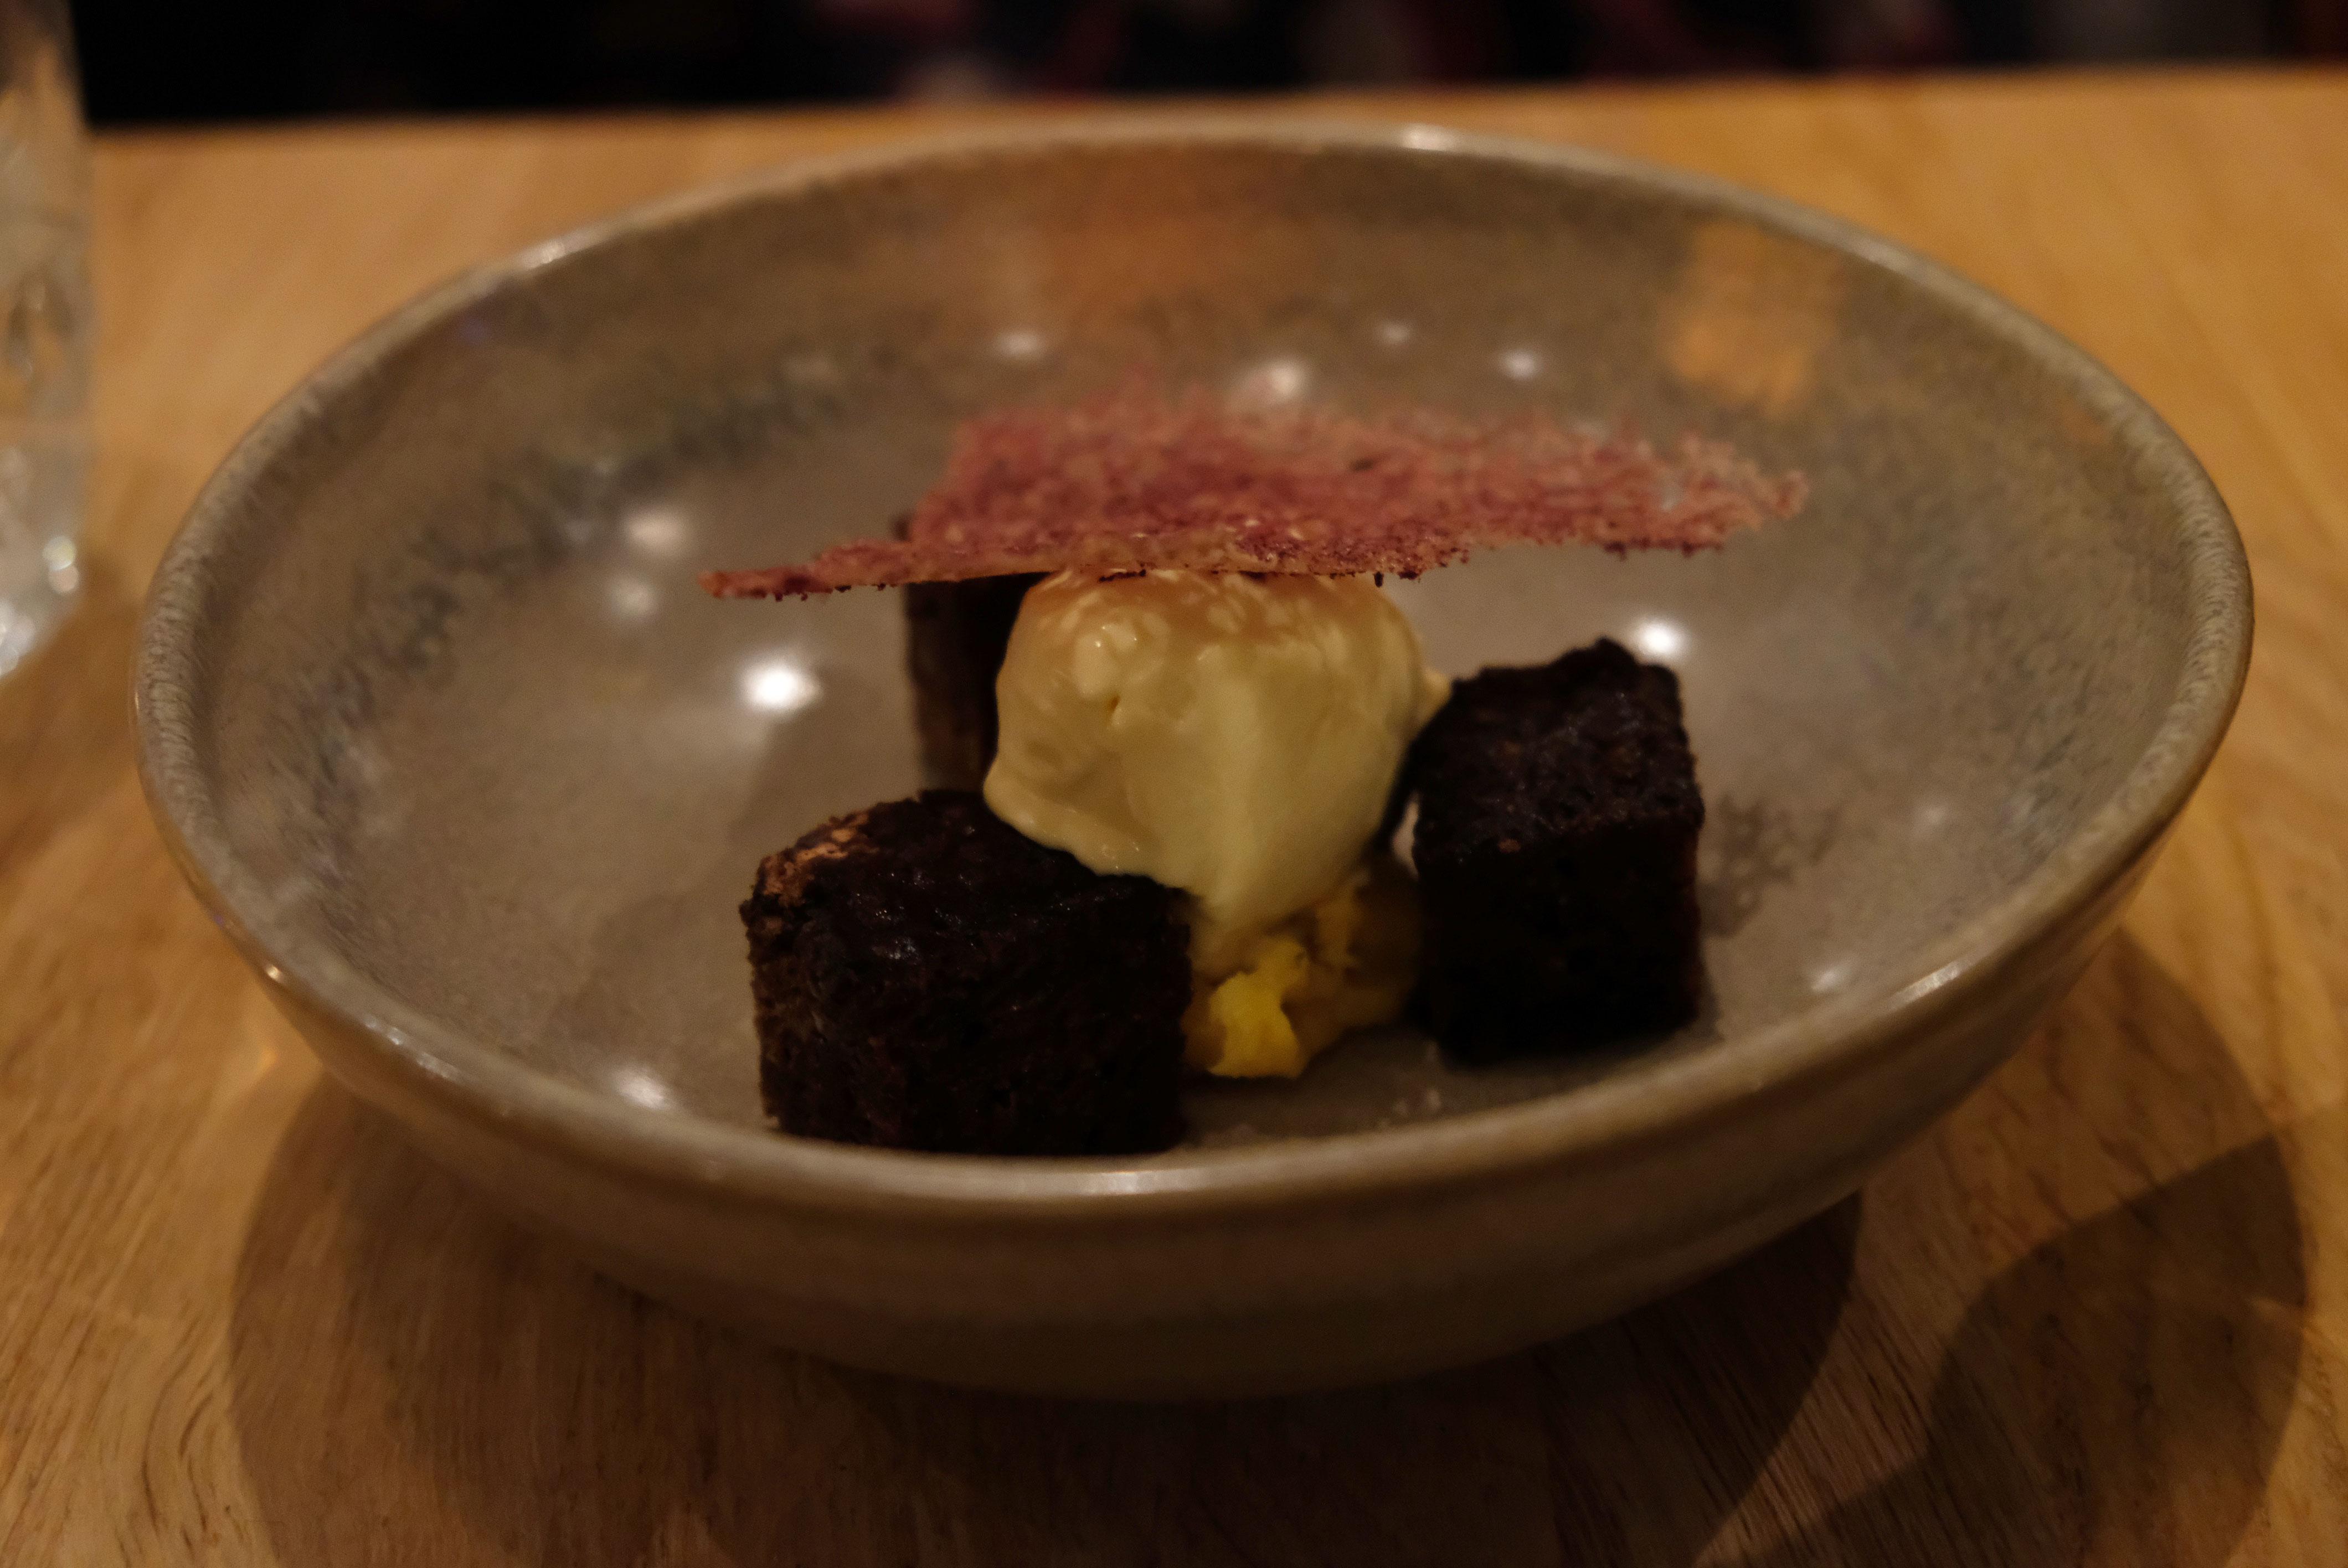 Aarhus_Foodtastic_DSCF9382